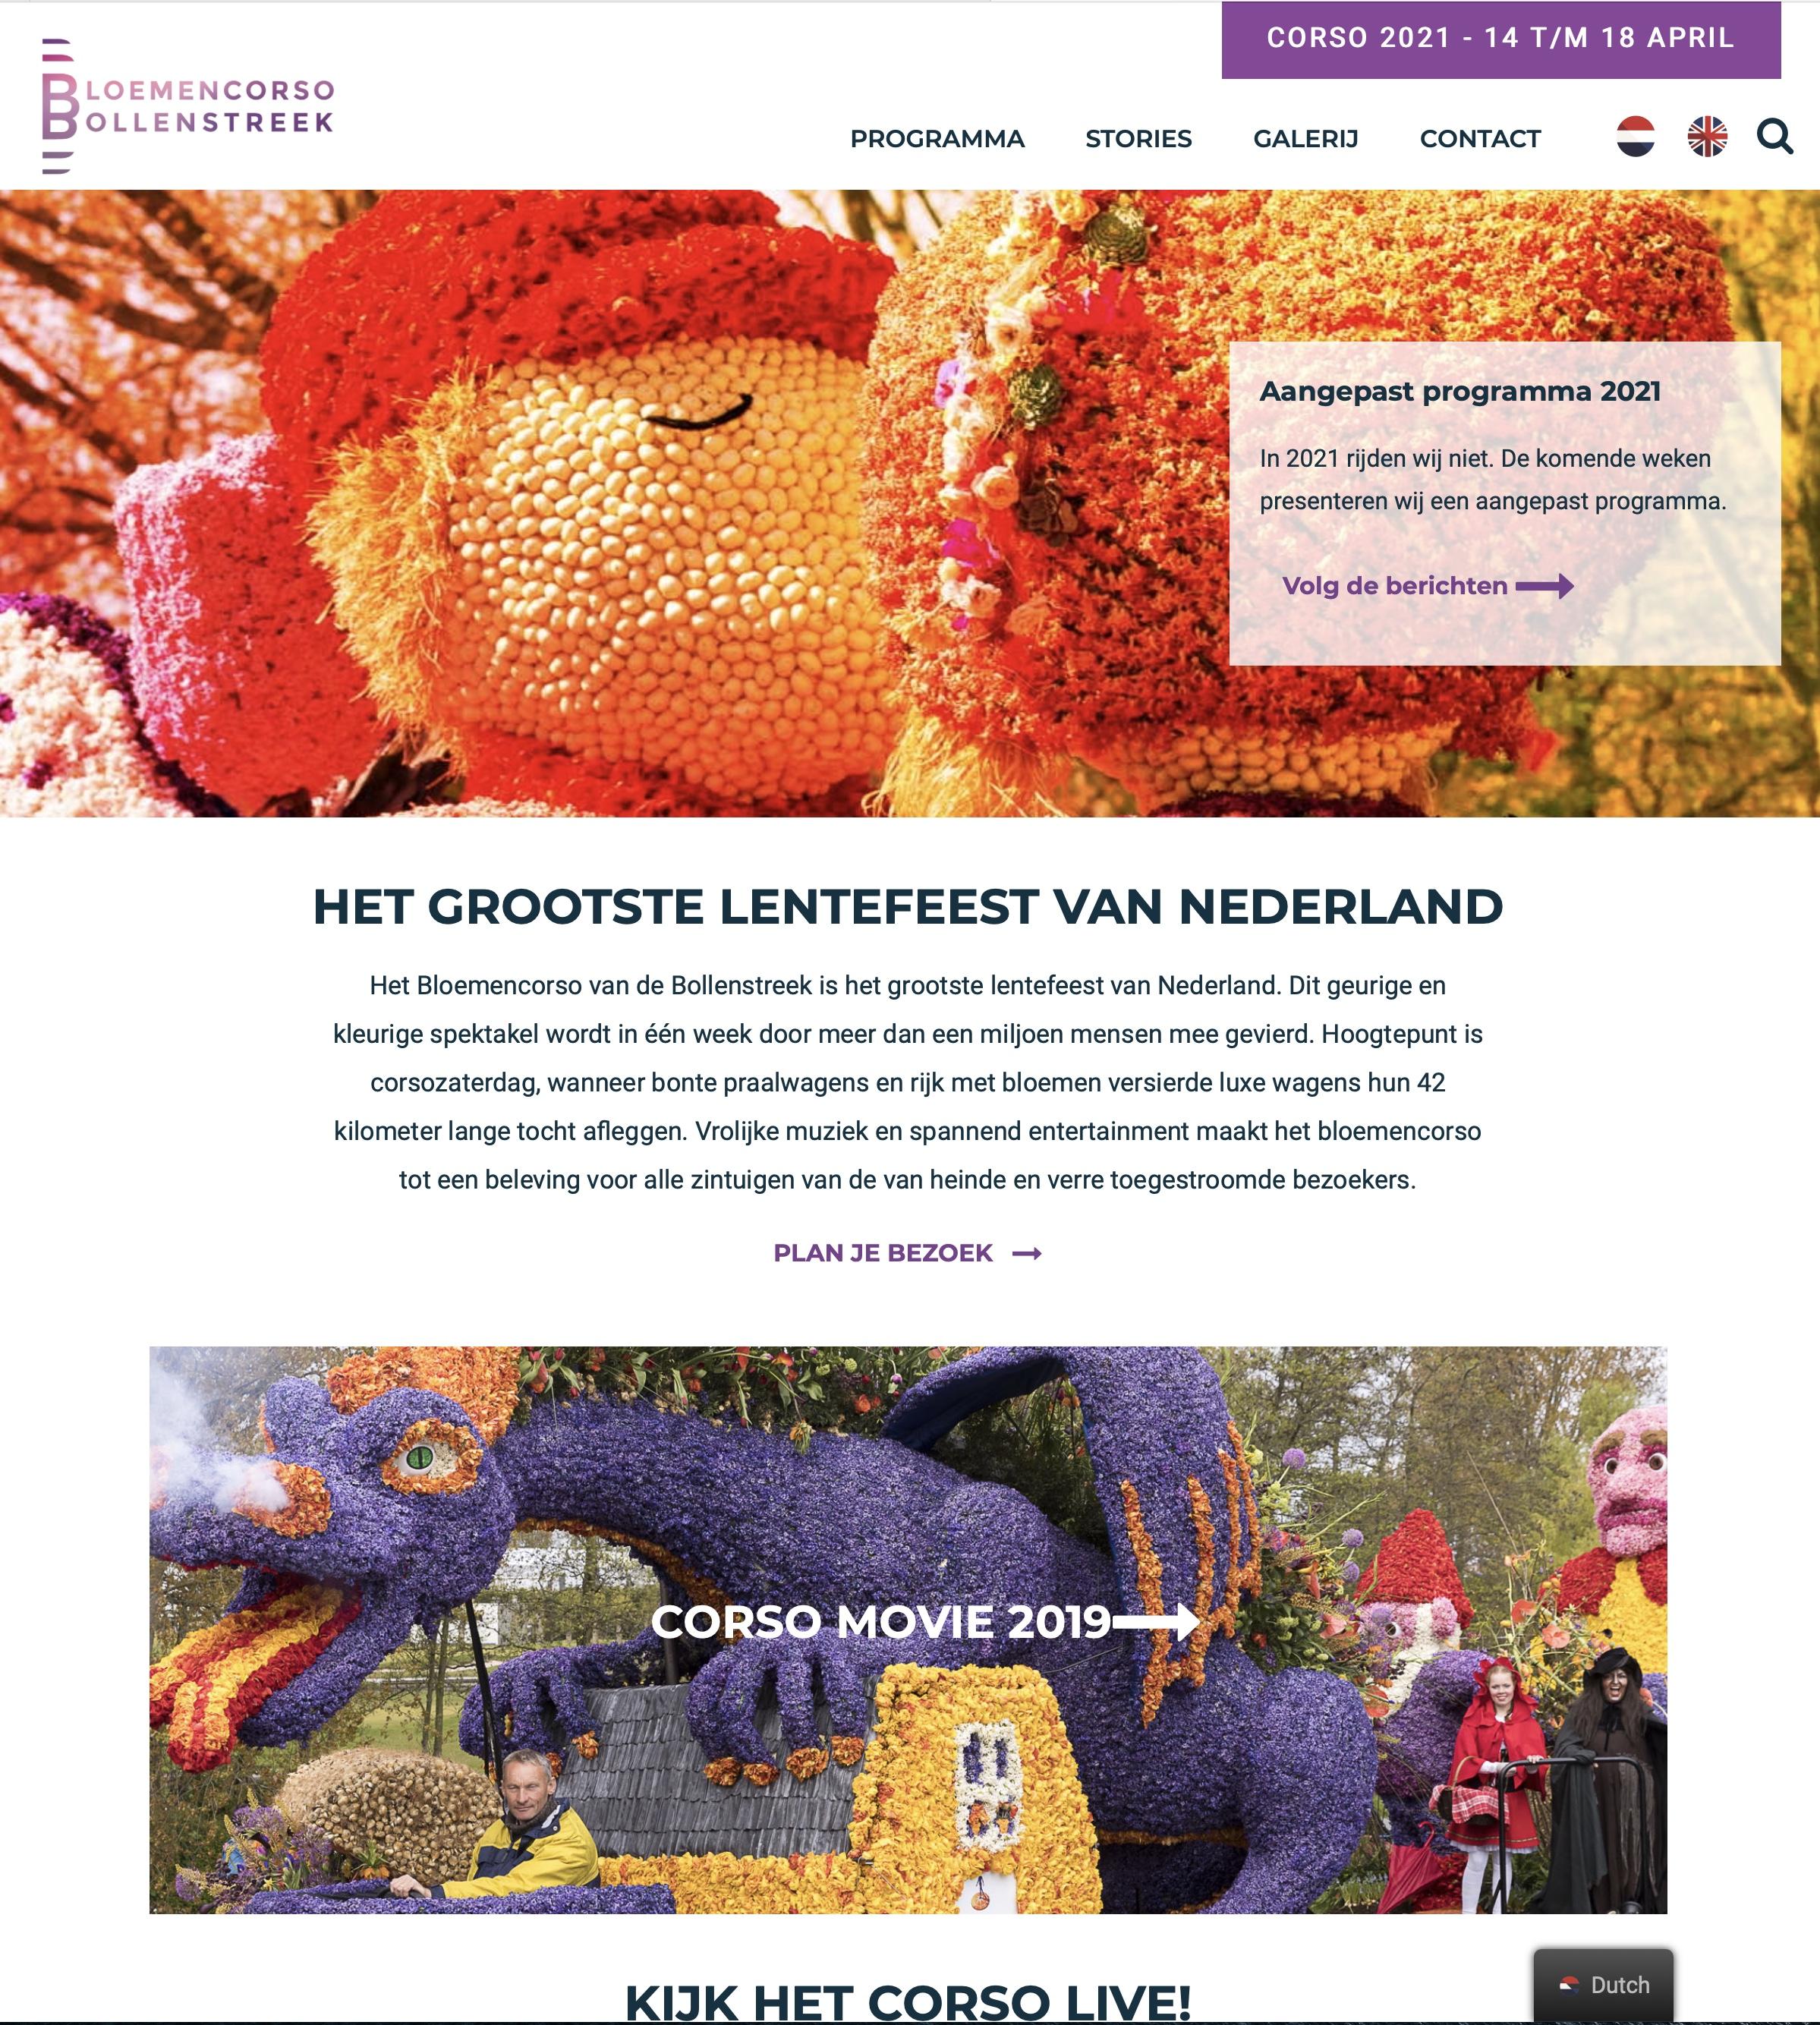 Online bloemencorso-bollenstreek.nl